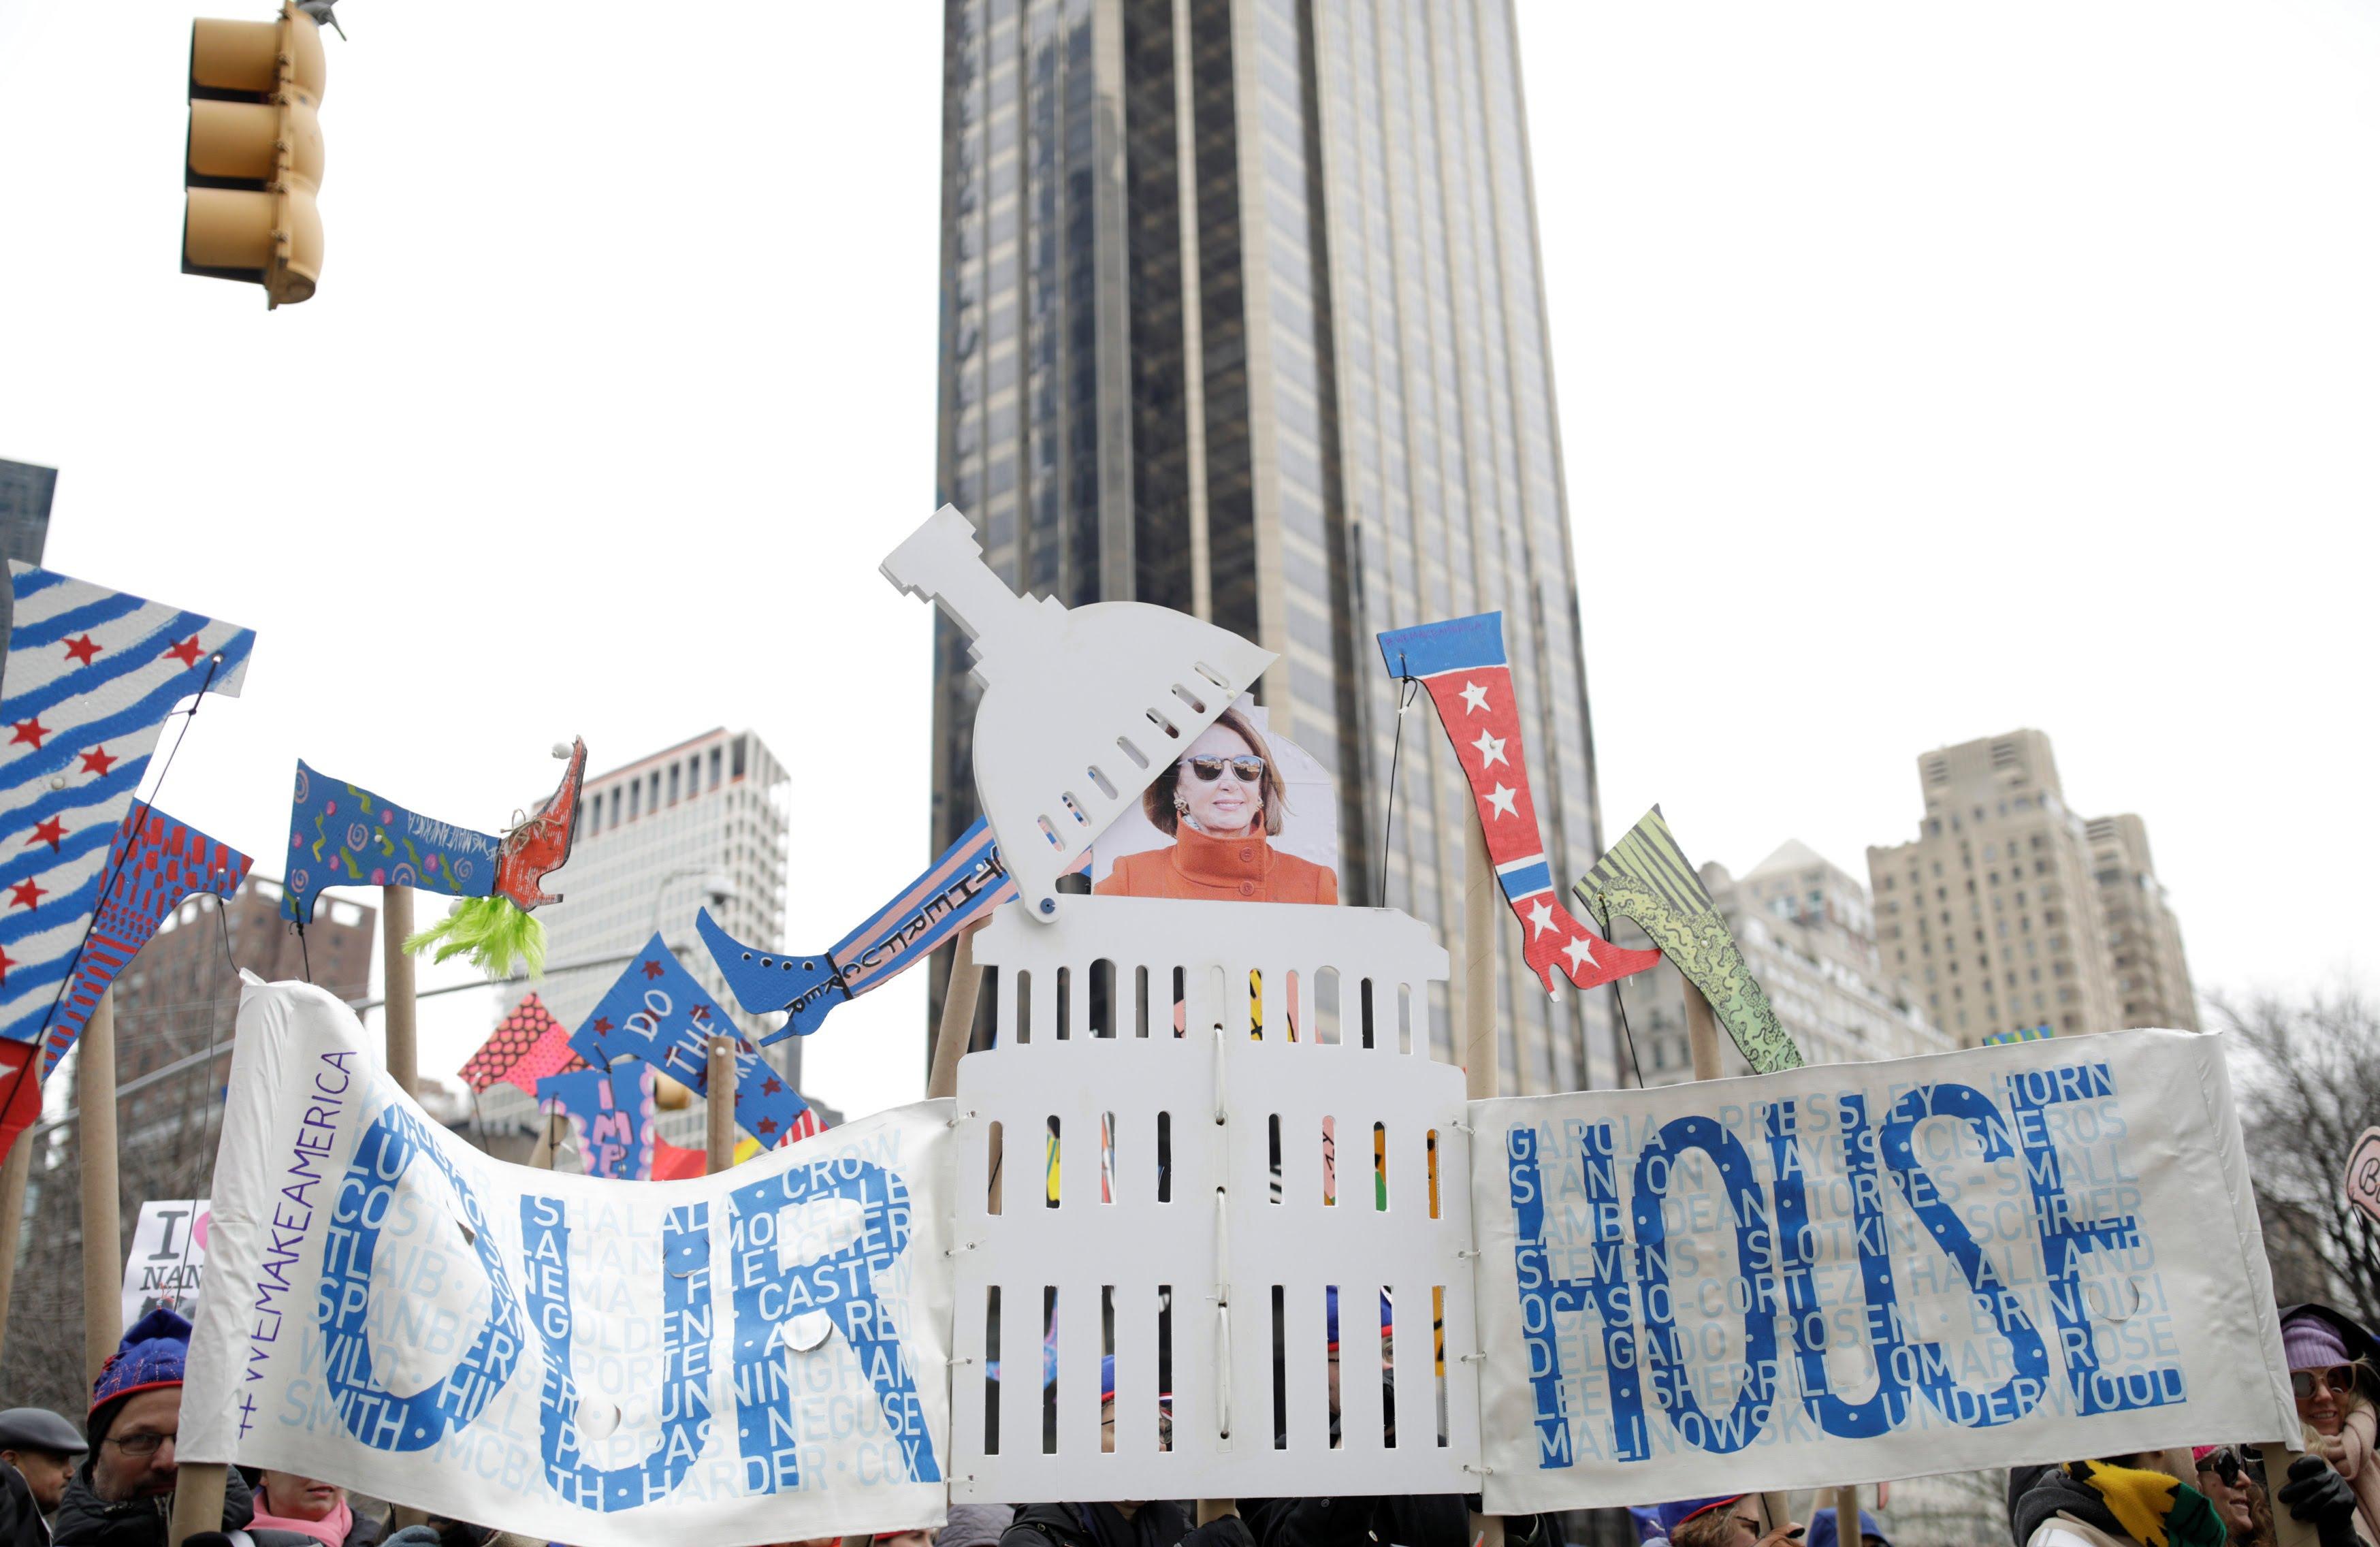 تظاهرات امریکا 2 - تصاویر/ تظاهرات صدها هزار زن امریکایی علیه ترمپ